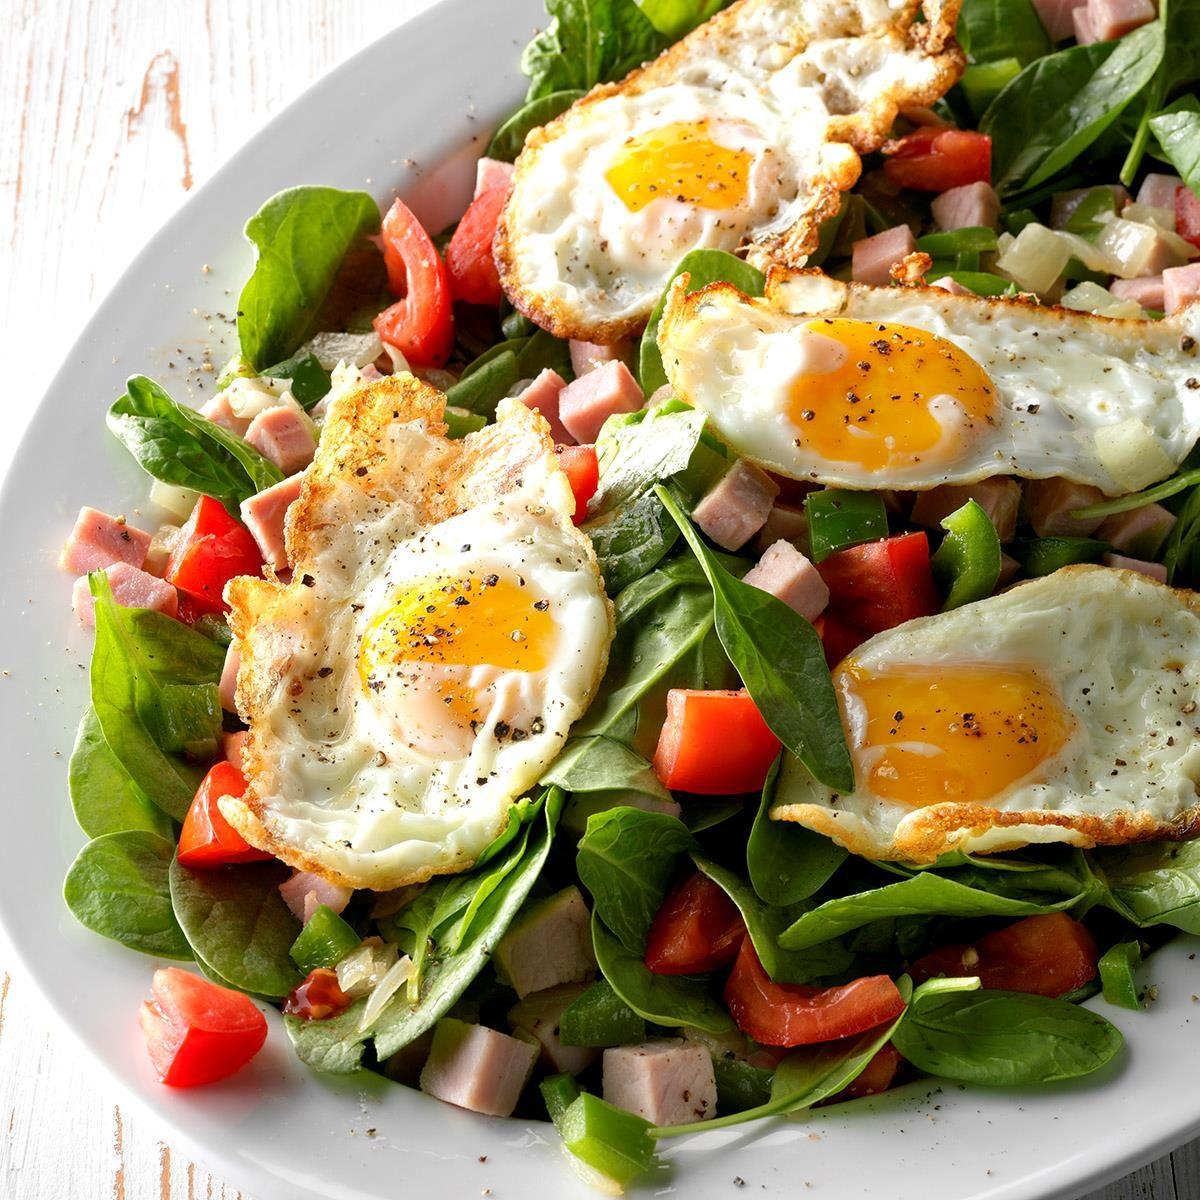 Denver Omelet Salad Recipe